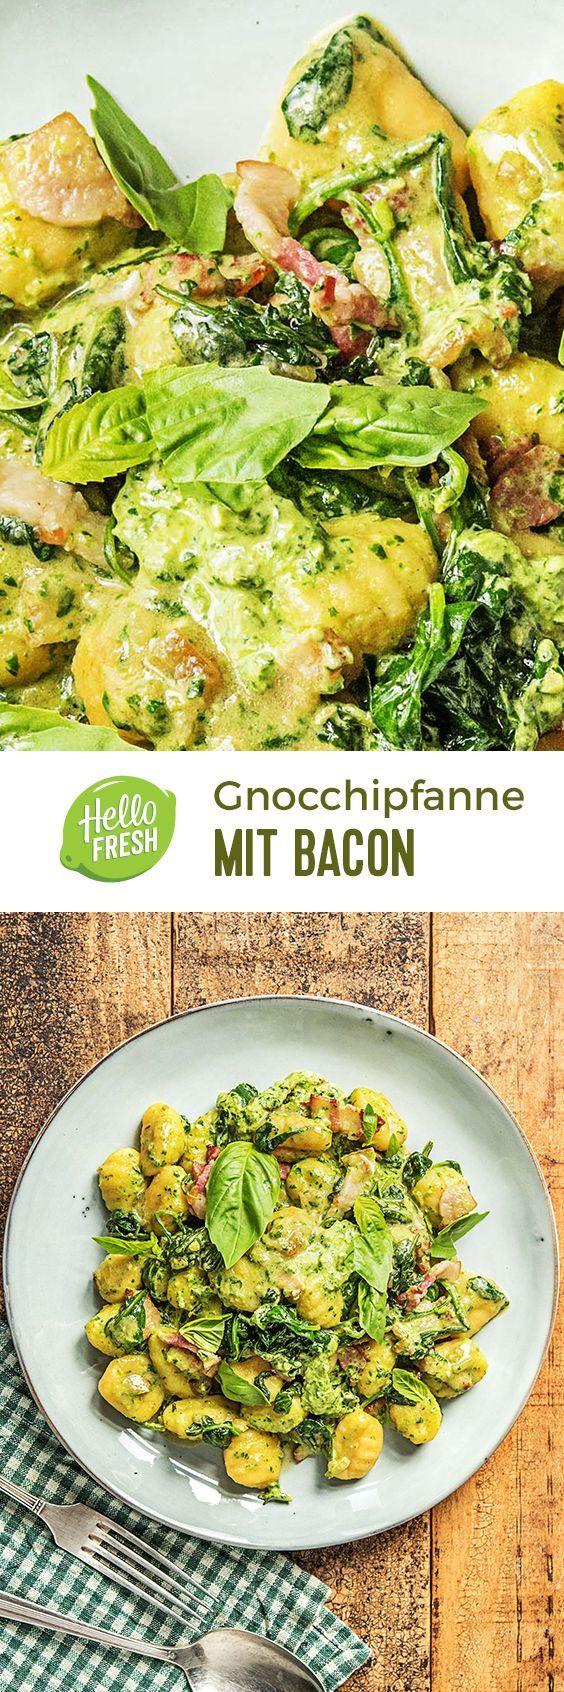 Step by Step Rezept: Herzhafte Gnocchipfanne mit Bacon,Walnuss-Frischkäse-Pesto und Babyspinat!  Gesund / Einfach / Italienisch / Mediterran / Kochen   #hellofreshde #gesund #italienisch #diy #kochen #rezept #gnocchi